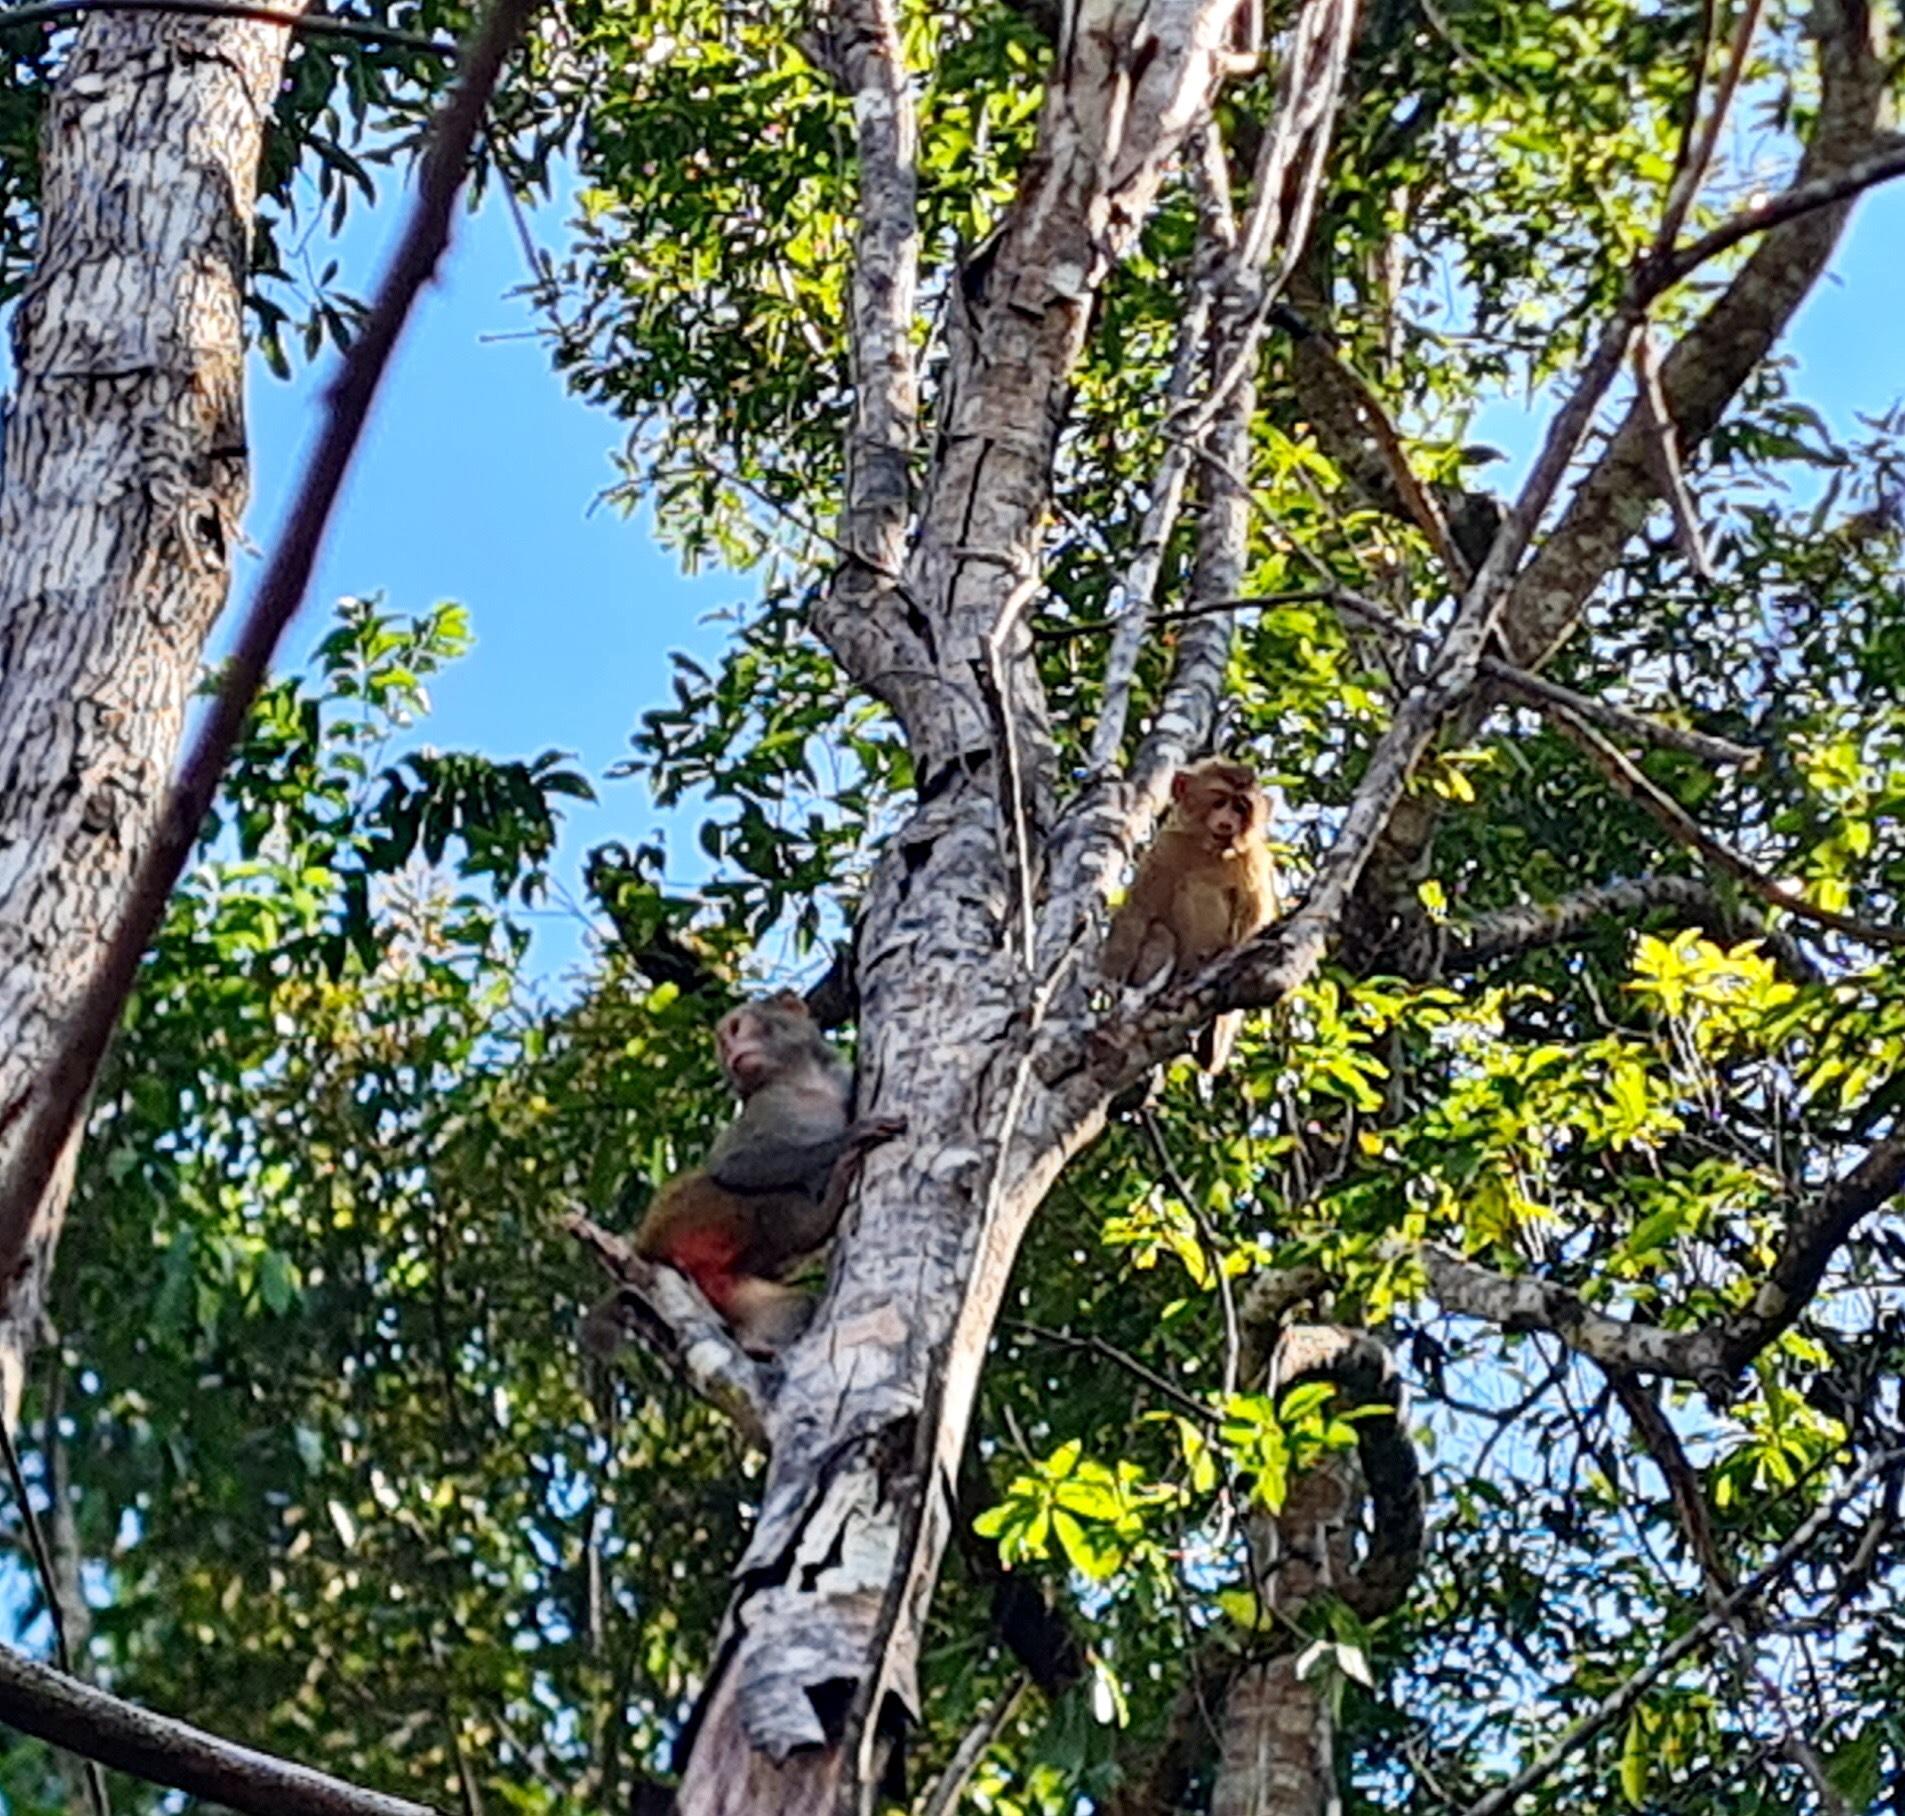 Vườn Quốc gia Vũ Quang tiến hành tái thả cá thể động vật hoang dã quý hiếm về với môi trường tự nhiên